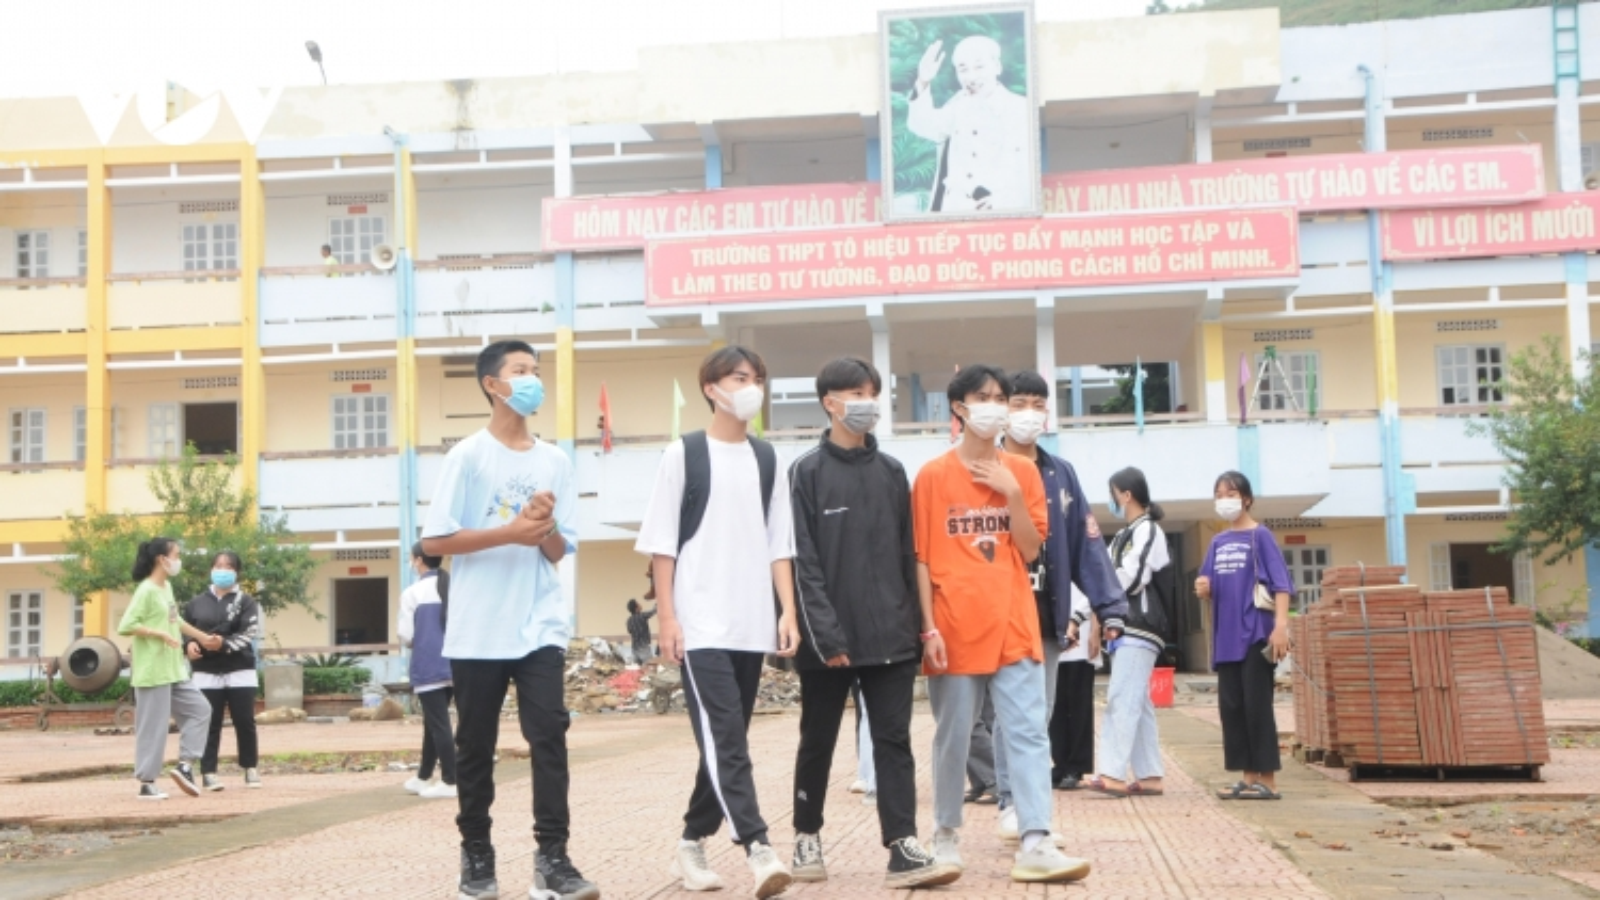 Hơn 300.000 học sinh tỉnh Sơn La hôm nay tựu trường